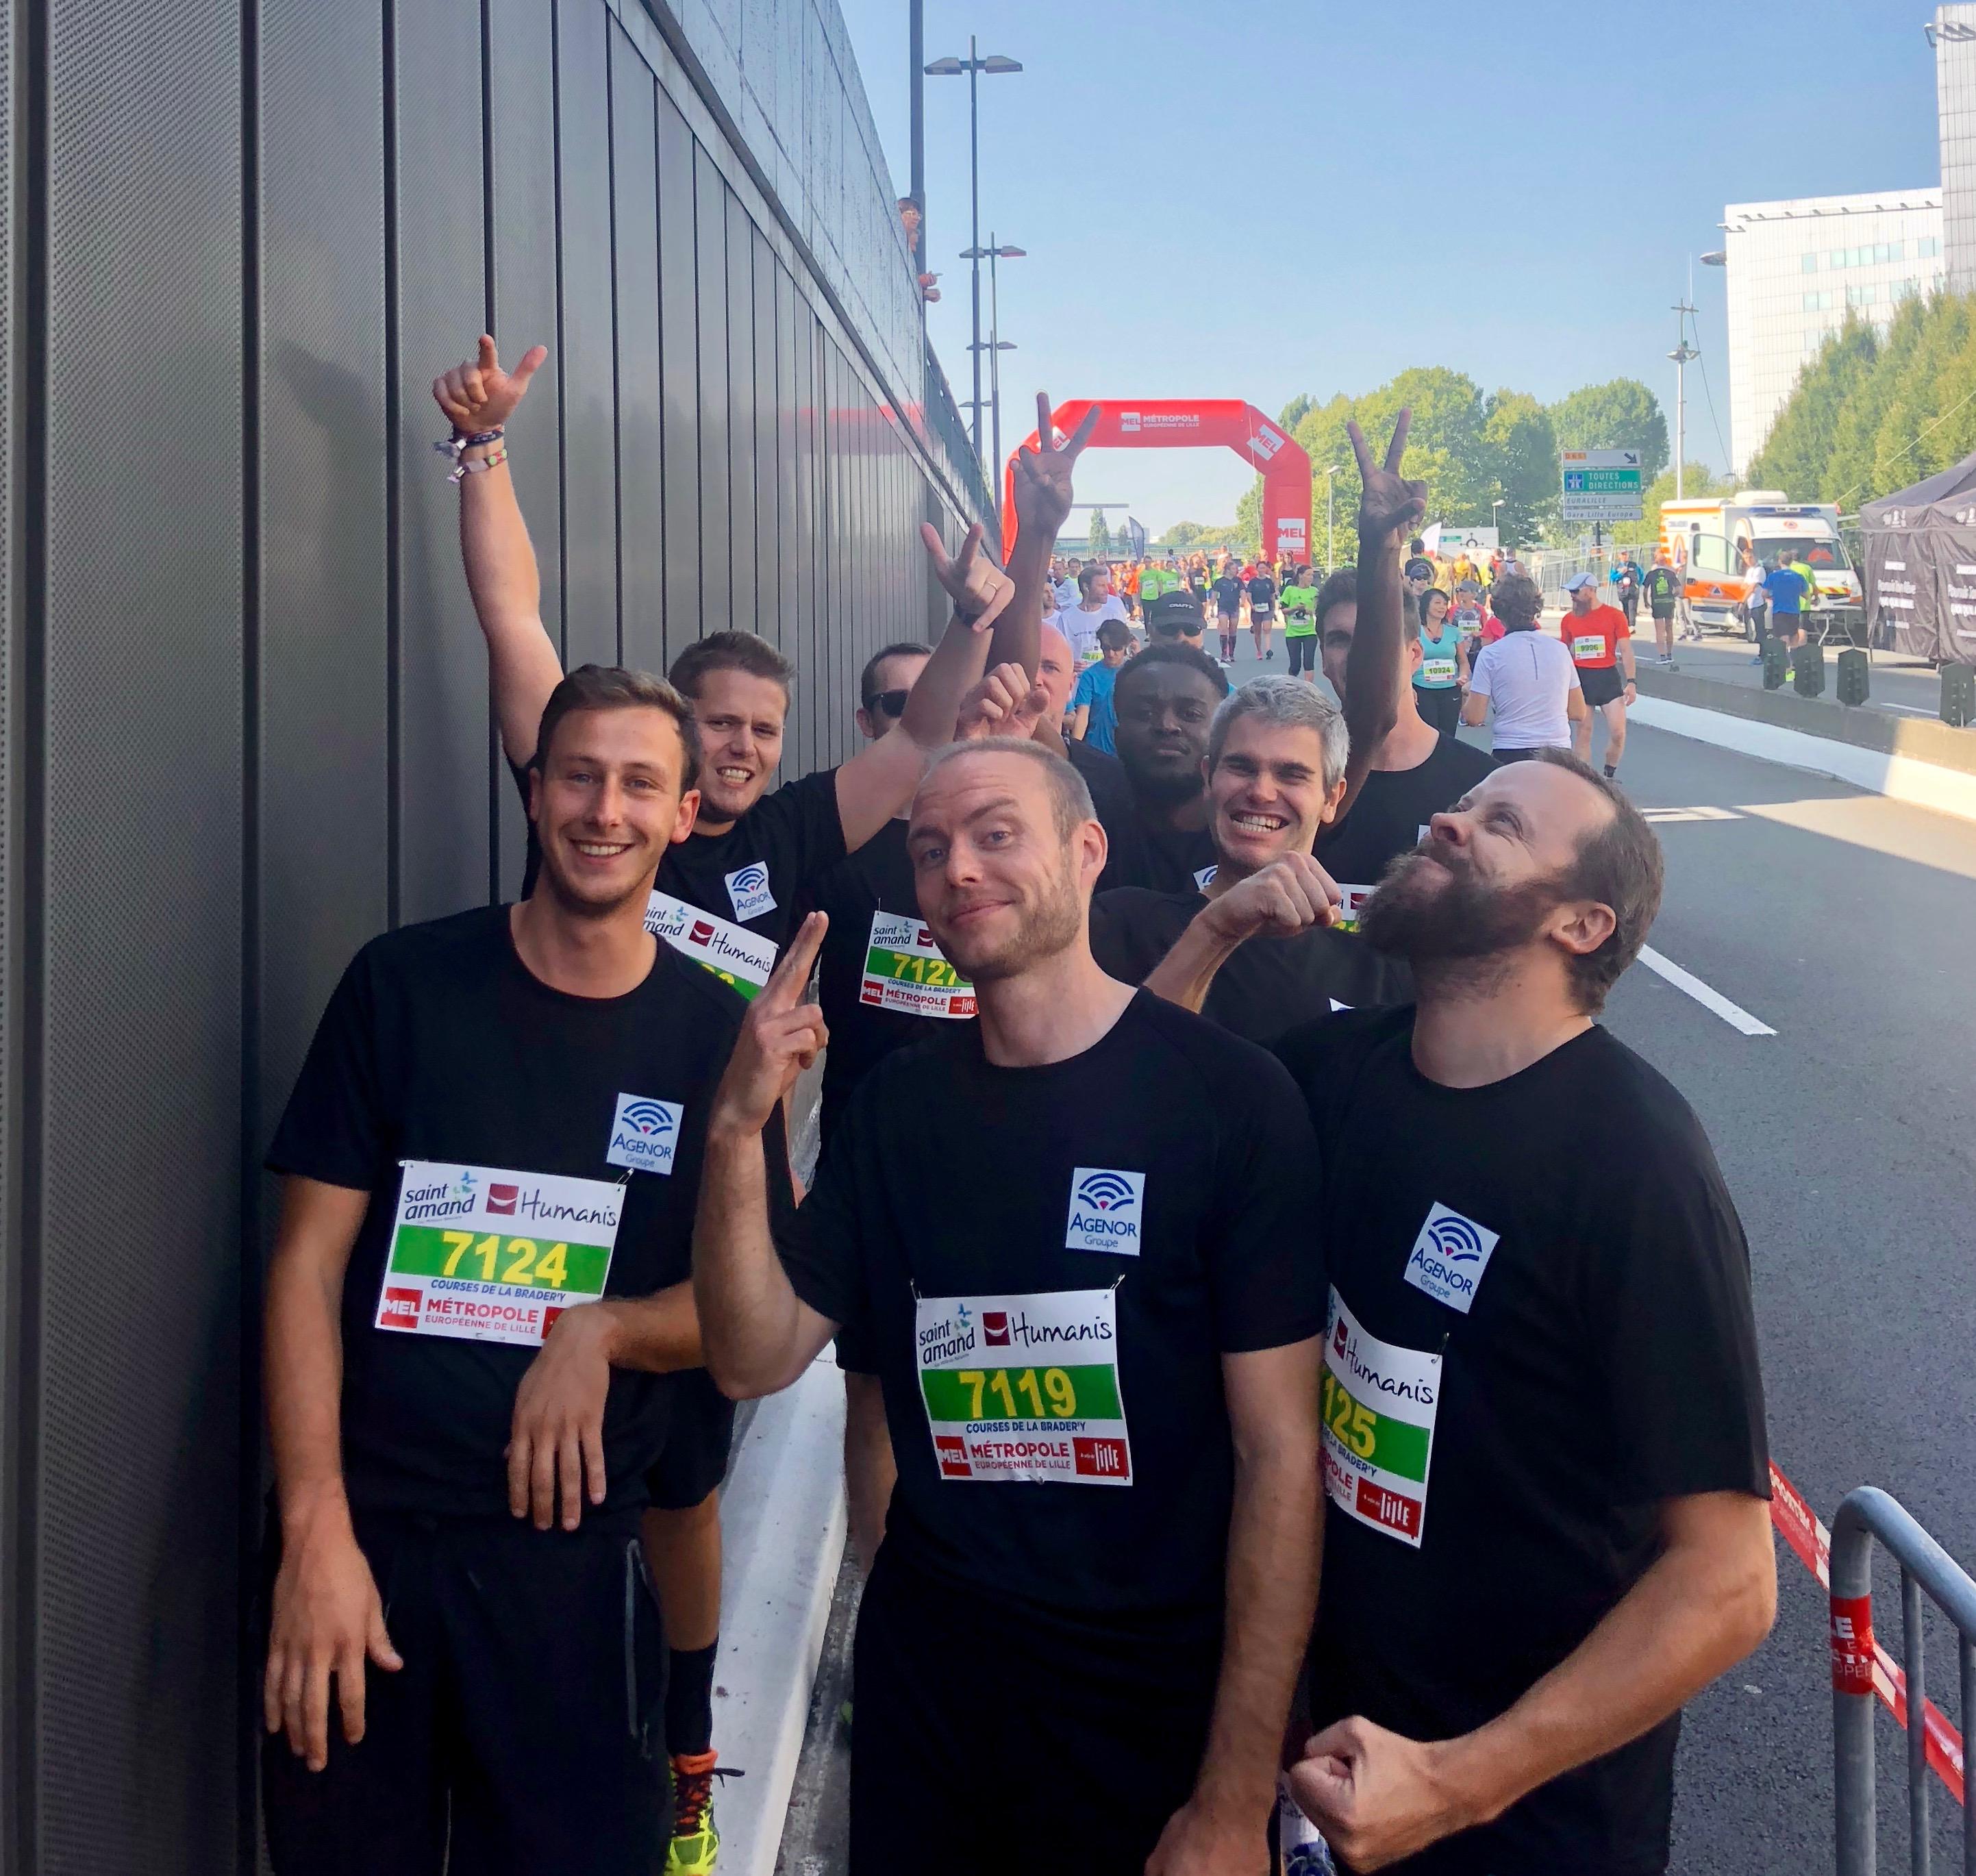 Agenor départ 10km braderie 2018